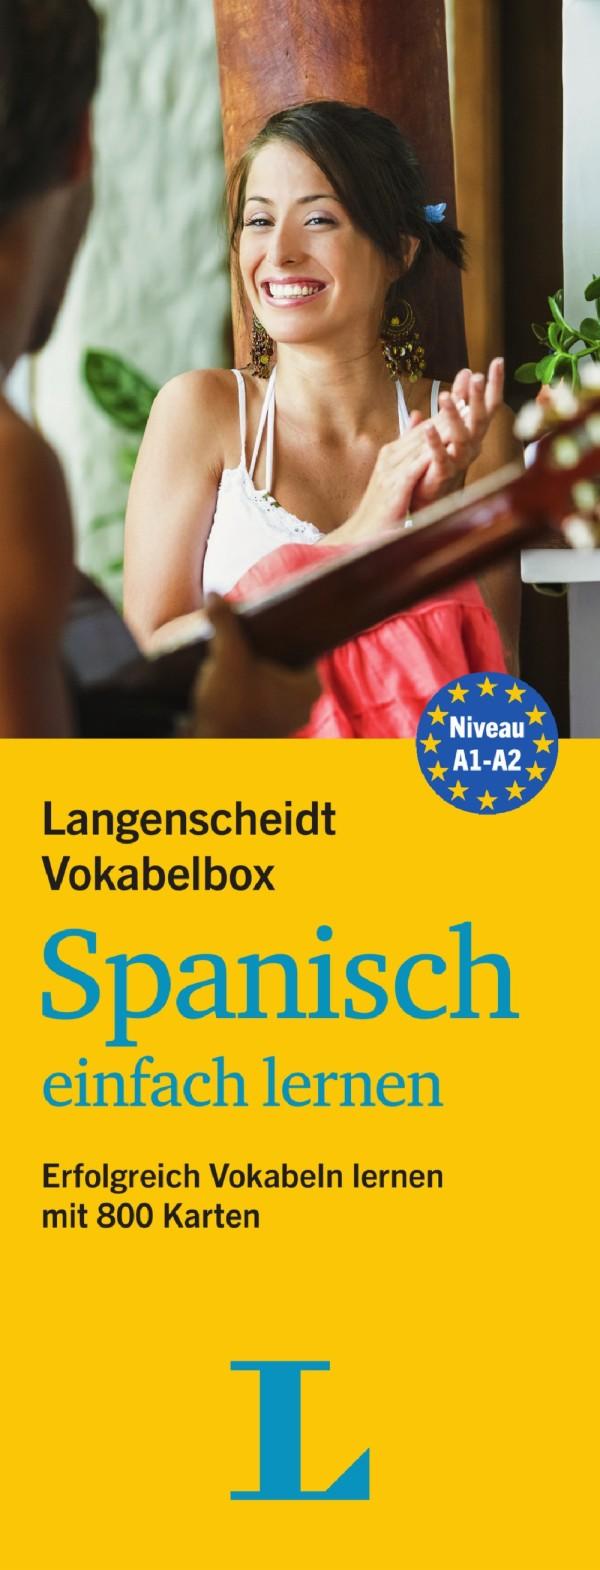 langenscheidt vokabelbox spanisch einfach lernen mit 800 karten a1 bis a2 neu ebay. Black Bedroom Furniture Sets. Home Design Ideas